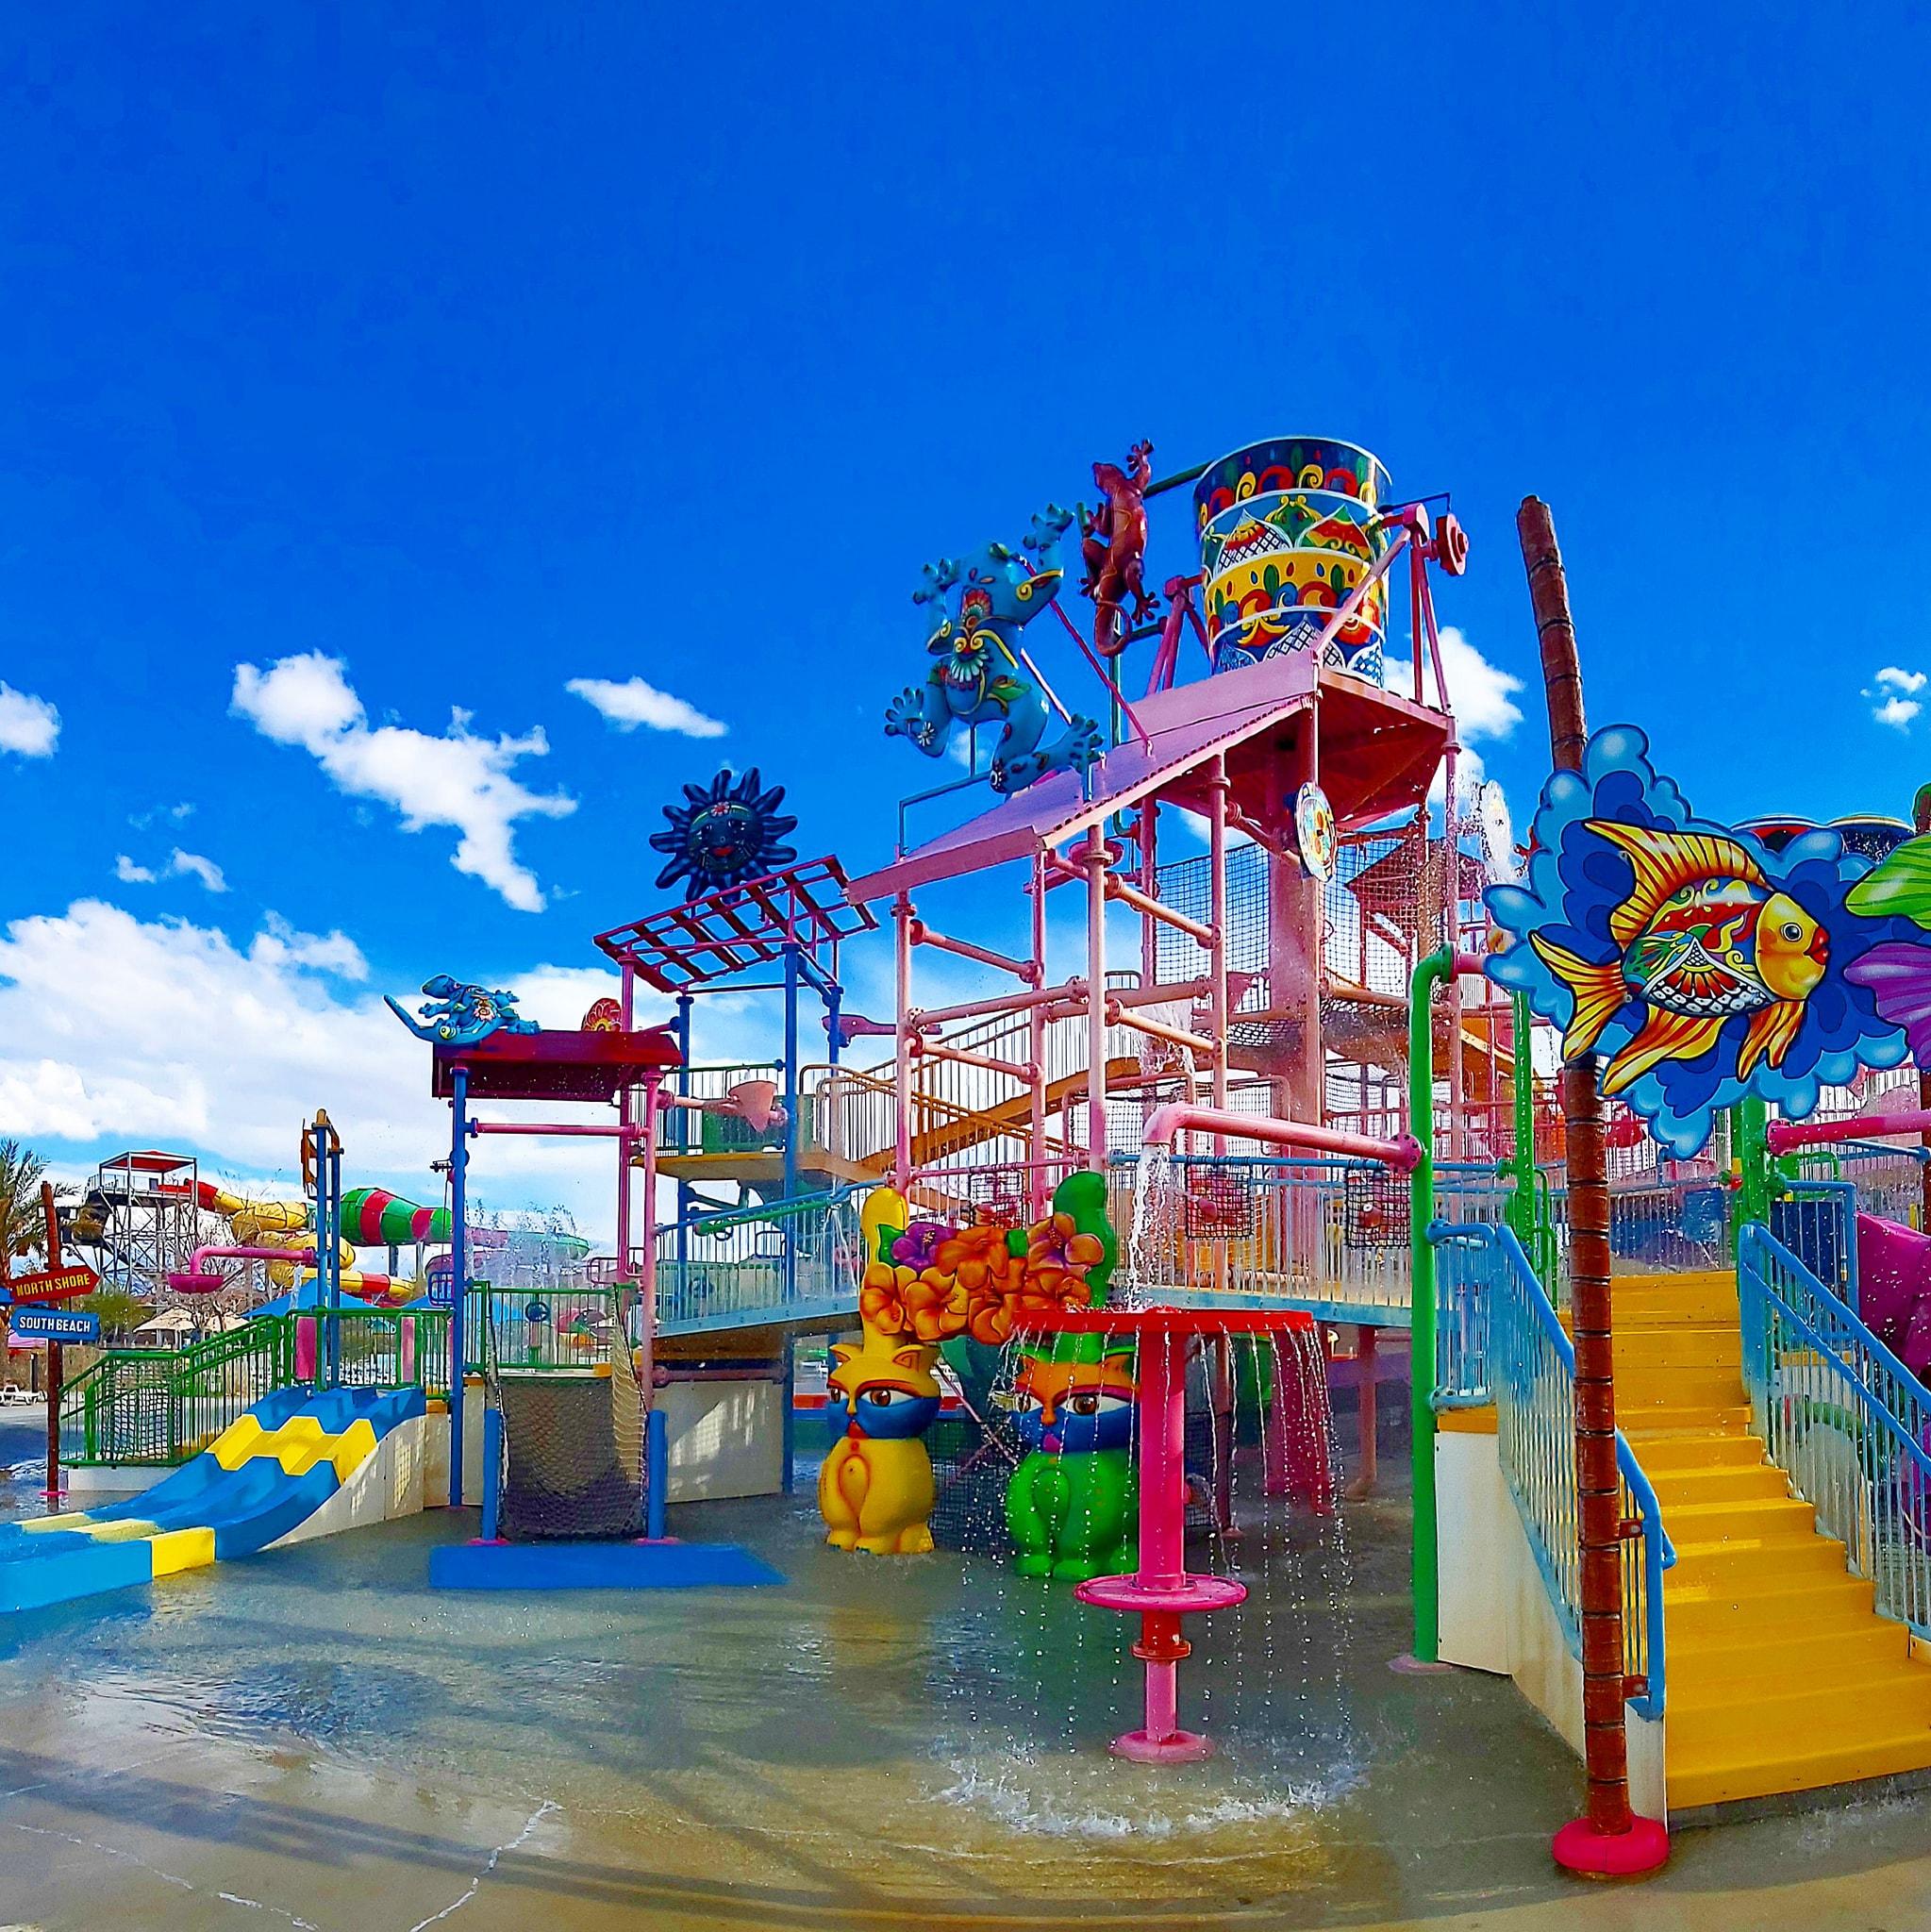 Wet n' Wild water park in SW Las Vegas